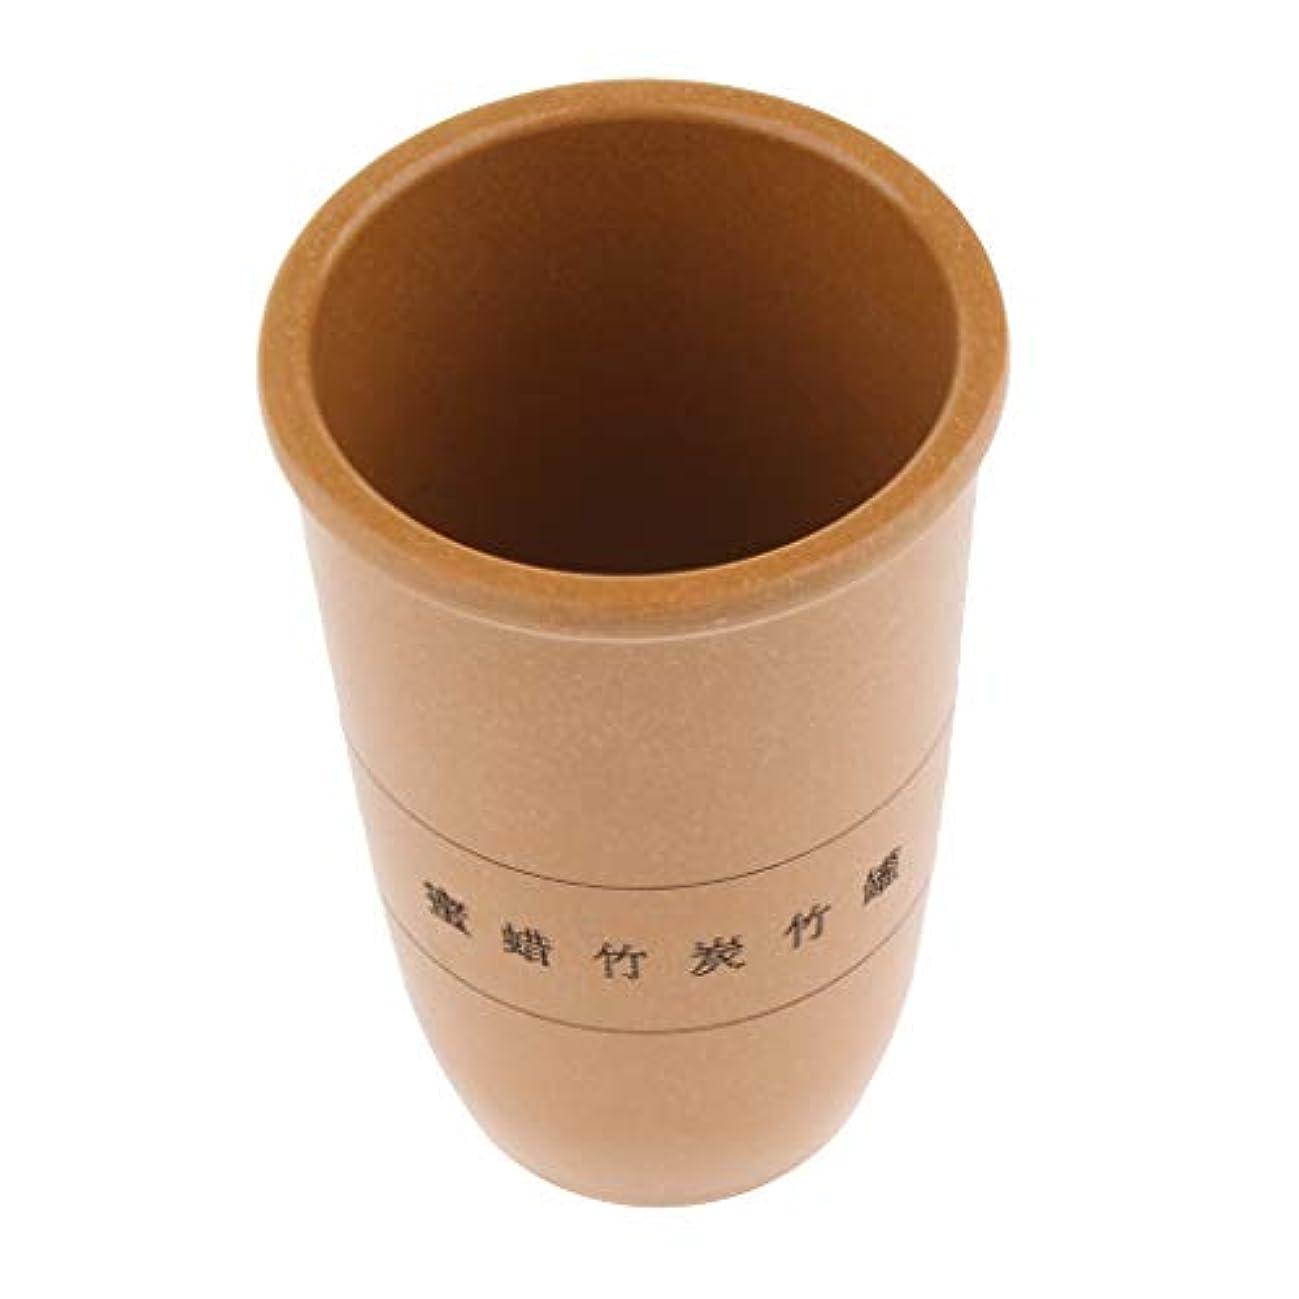 帽子連帯中国 伝統的 カッピング 吸い玉 ボディマッサージ 竹ウッド製 腫脹減軽 抗セルライト 3サイズ選ぶ - 黄, L